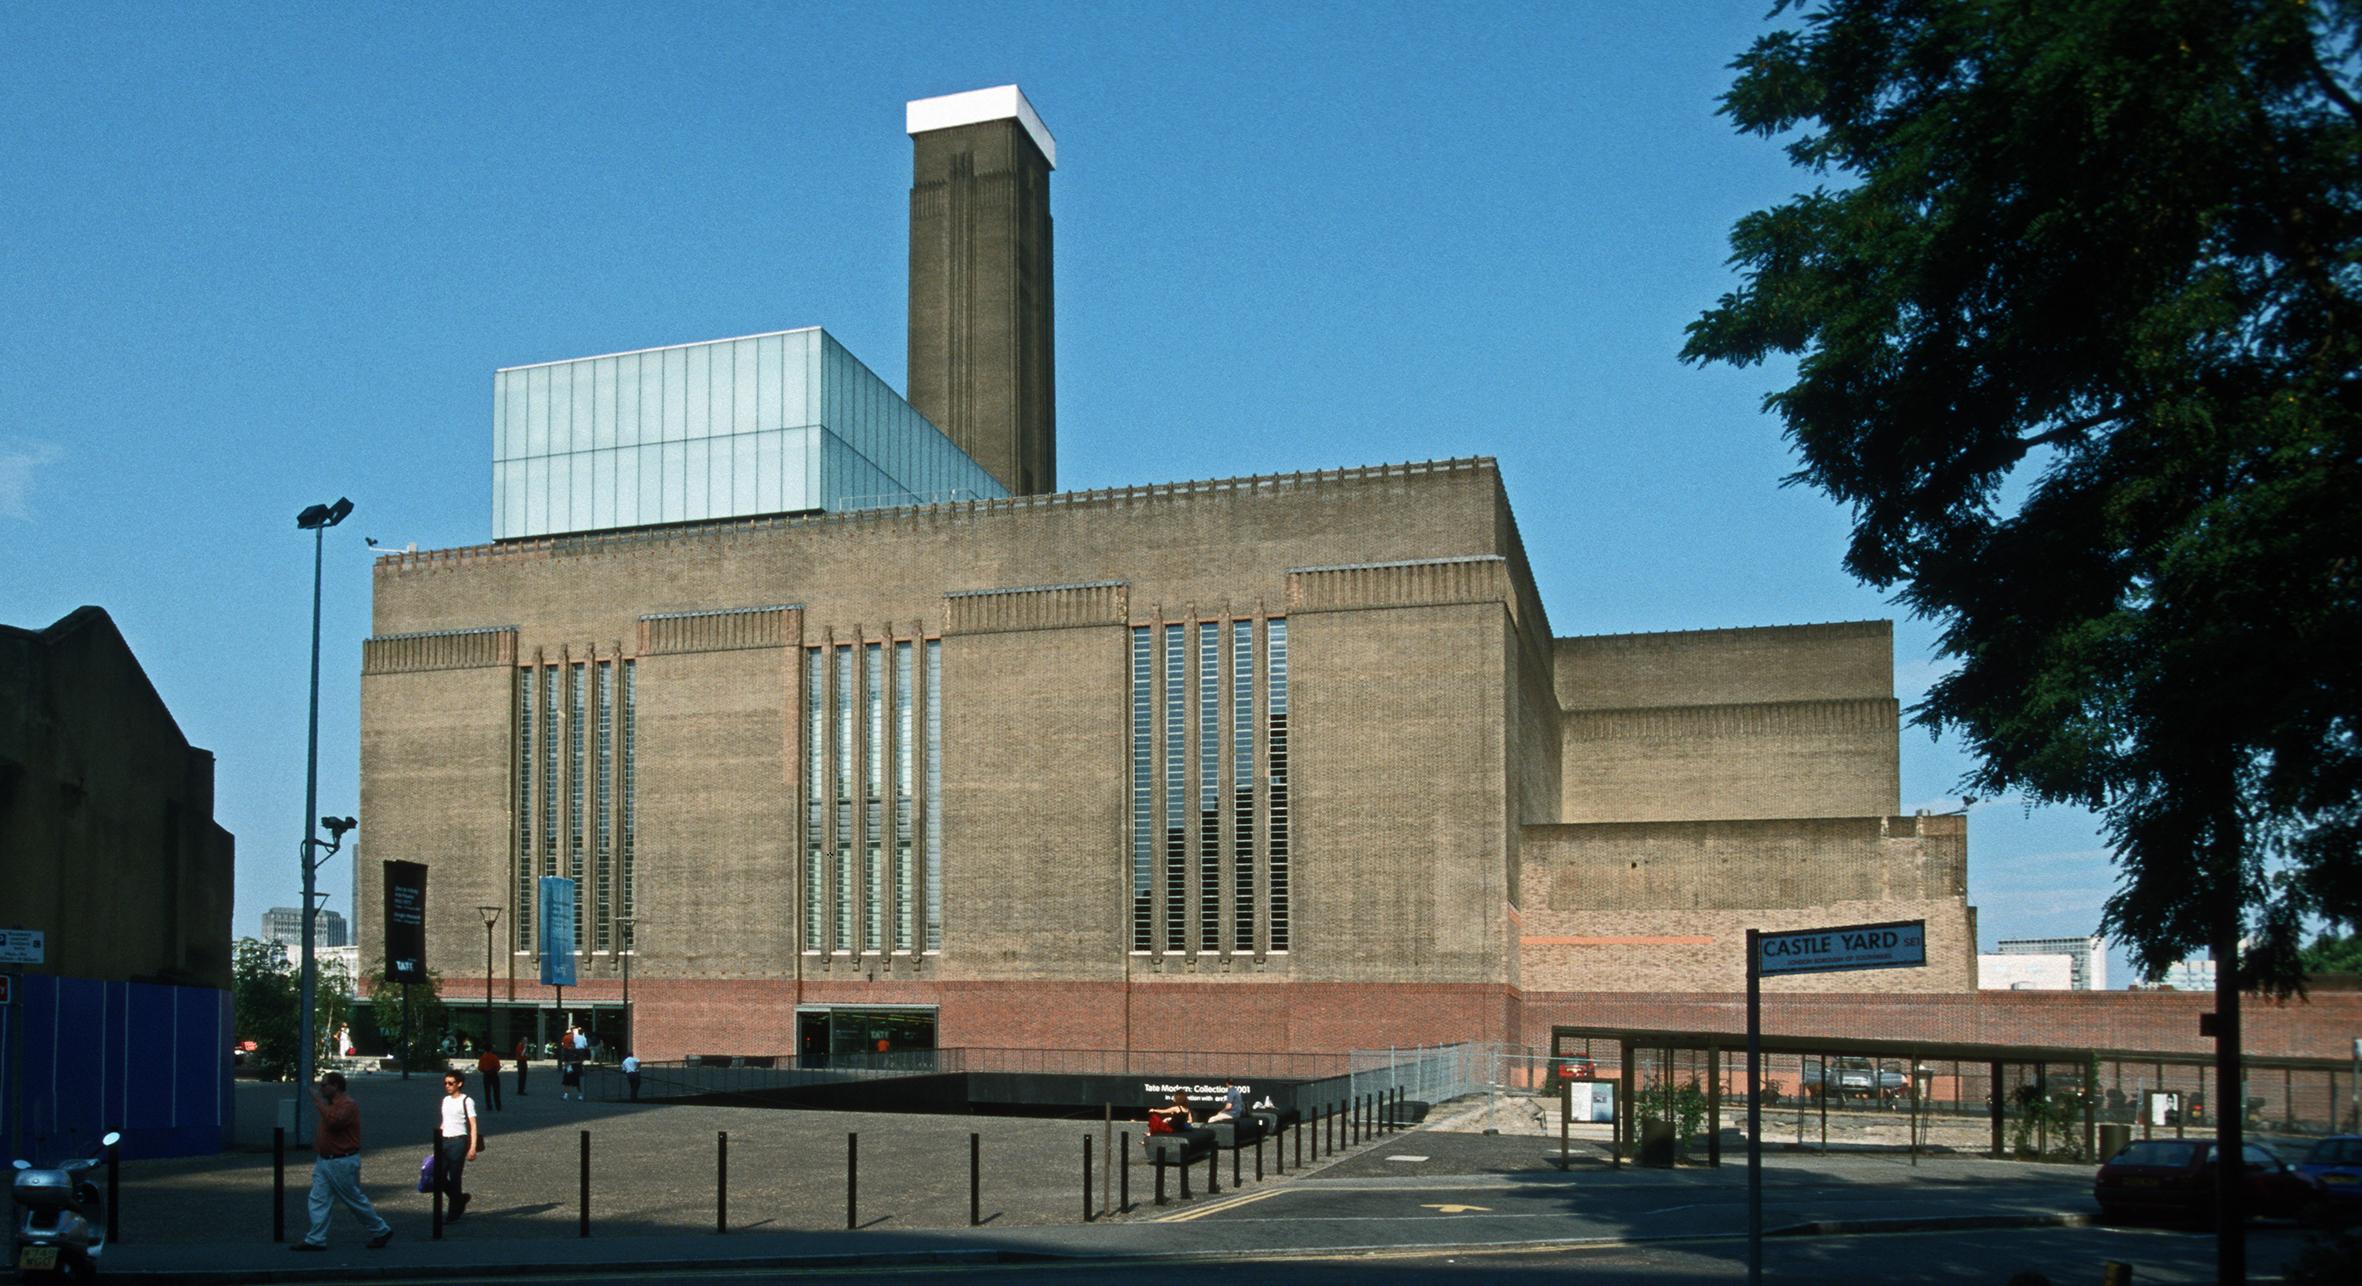 Tate modern london 2001 01.jpg